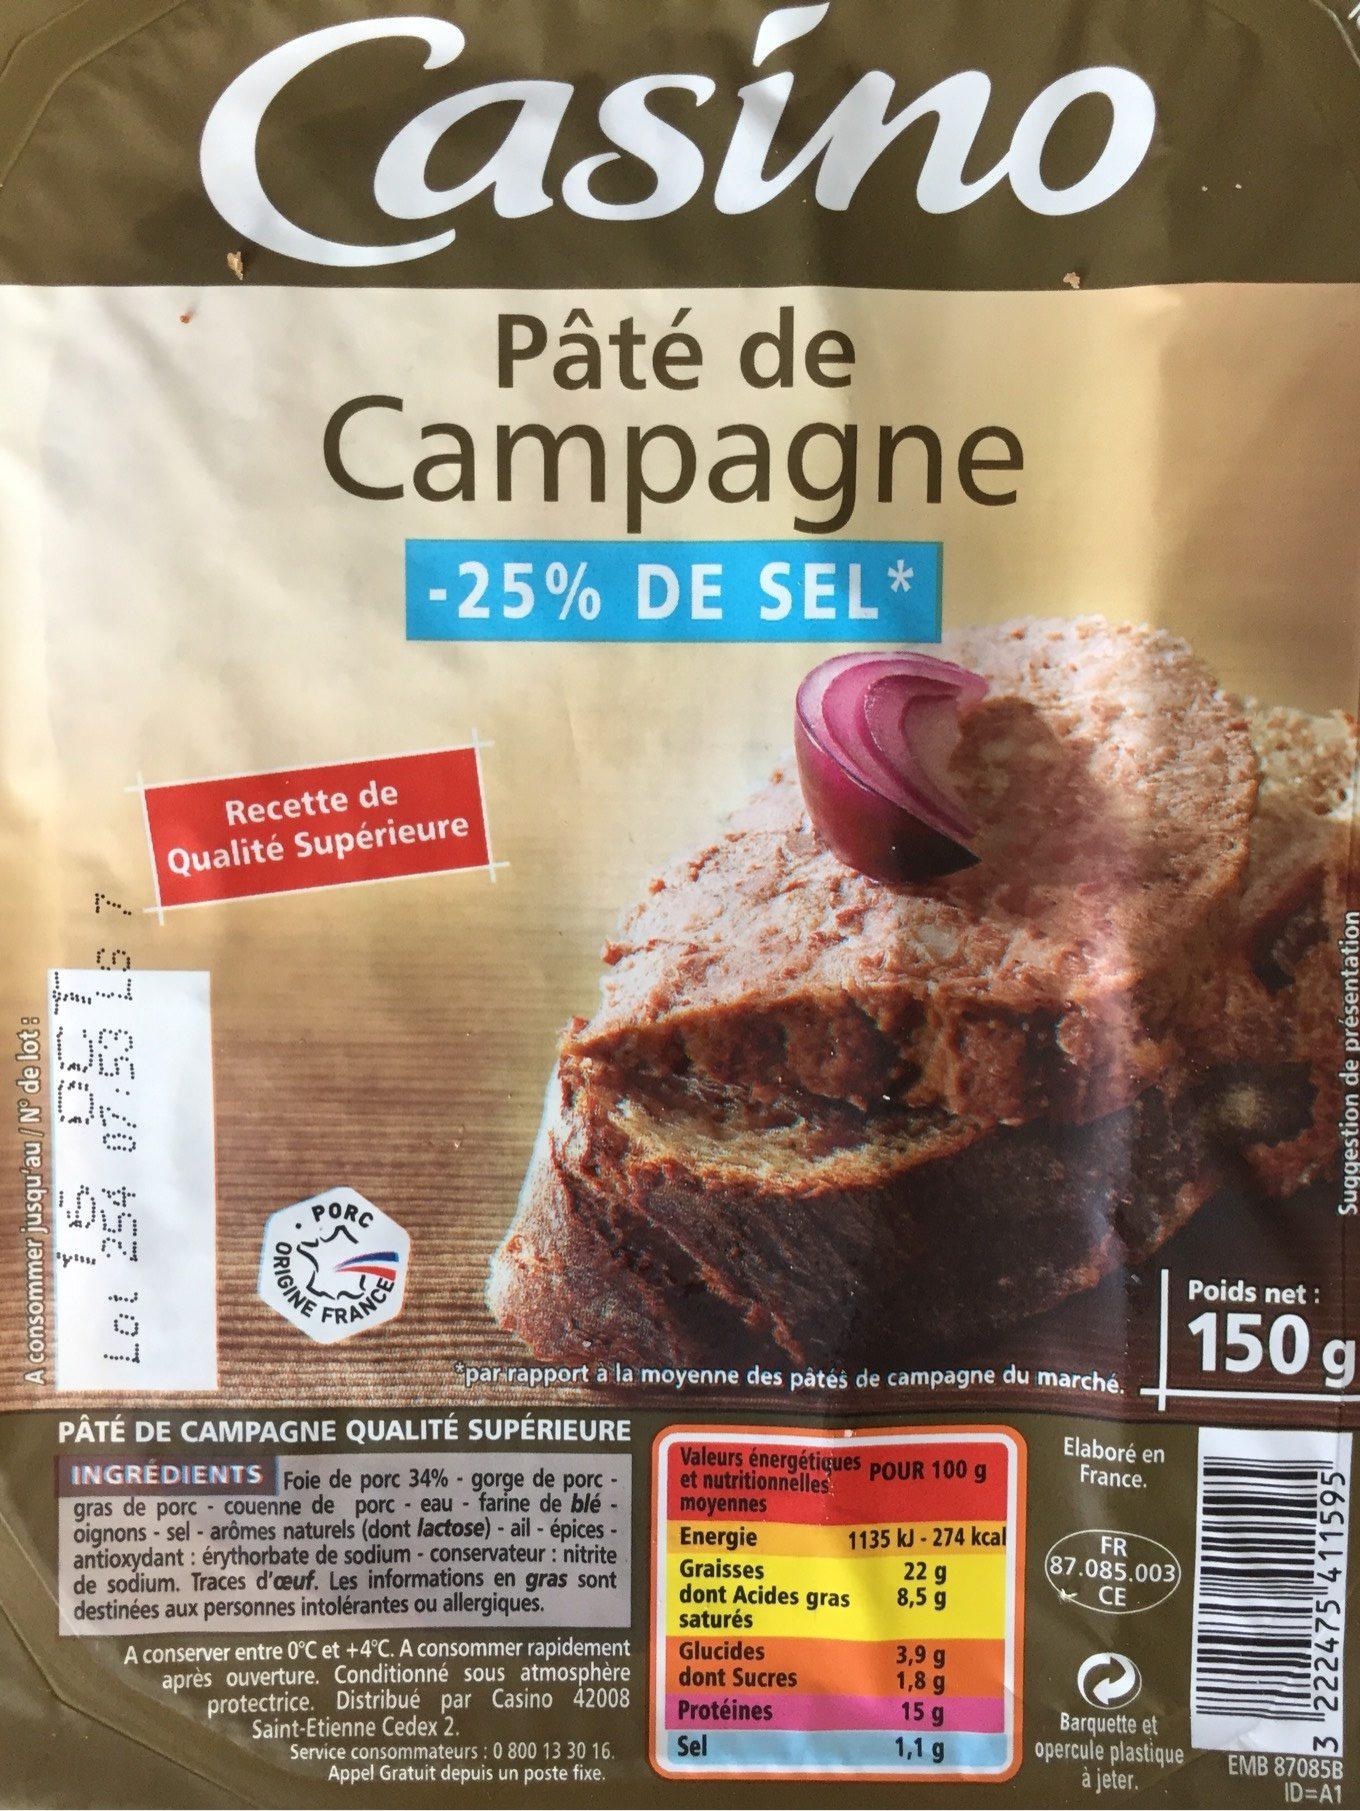 Pâté de campagne réduit en sel de 25 % * * par rapport à la moyenne des pâtés de campagne supérieurs du marché - Produit - fr